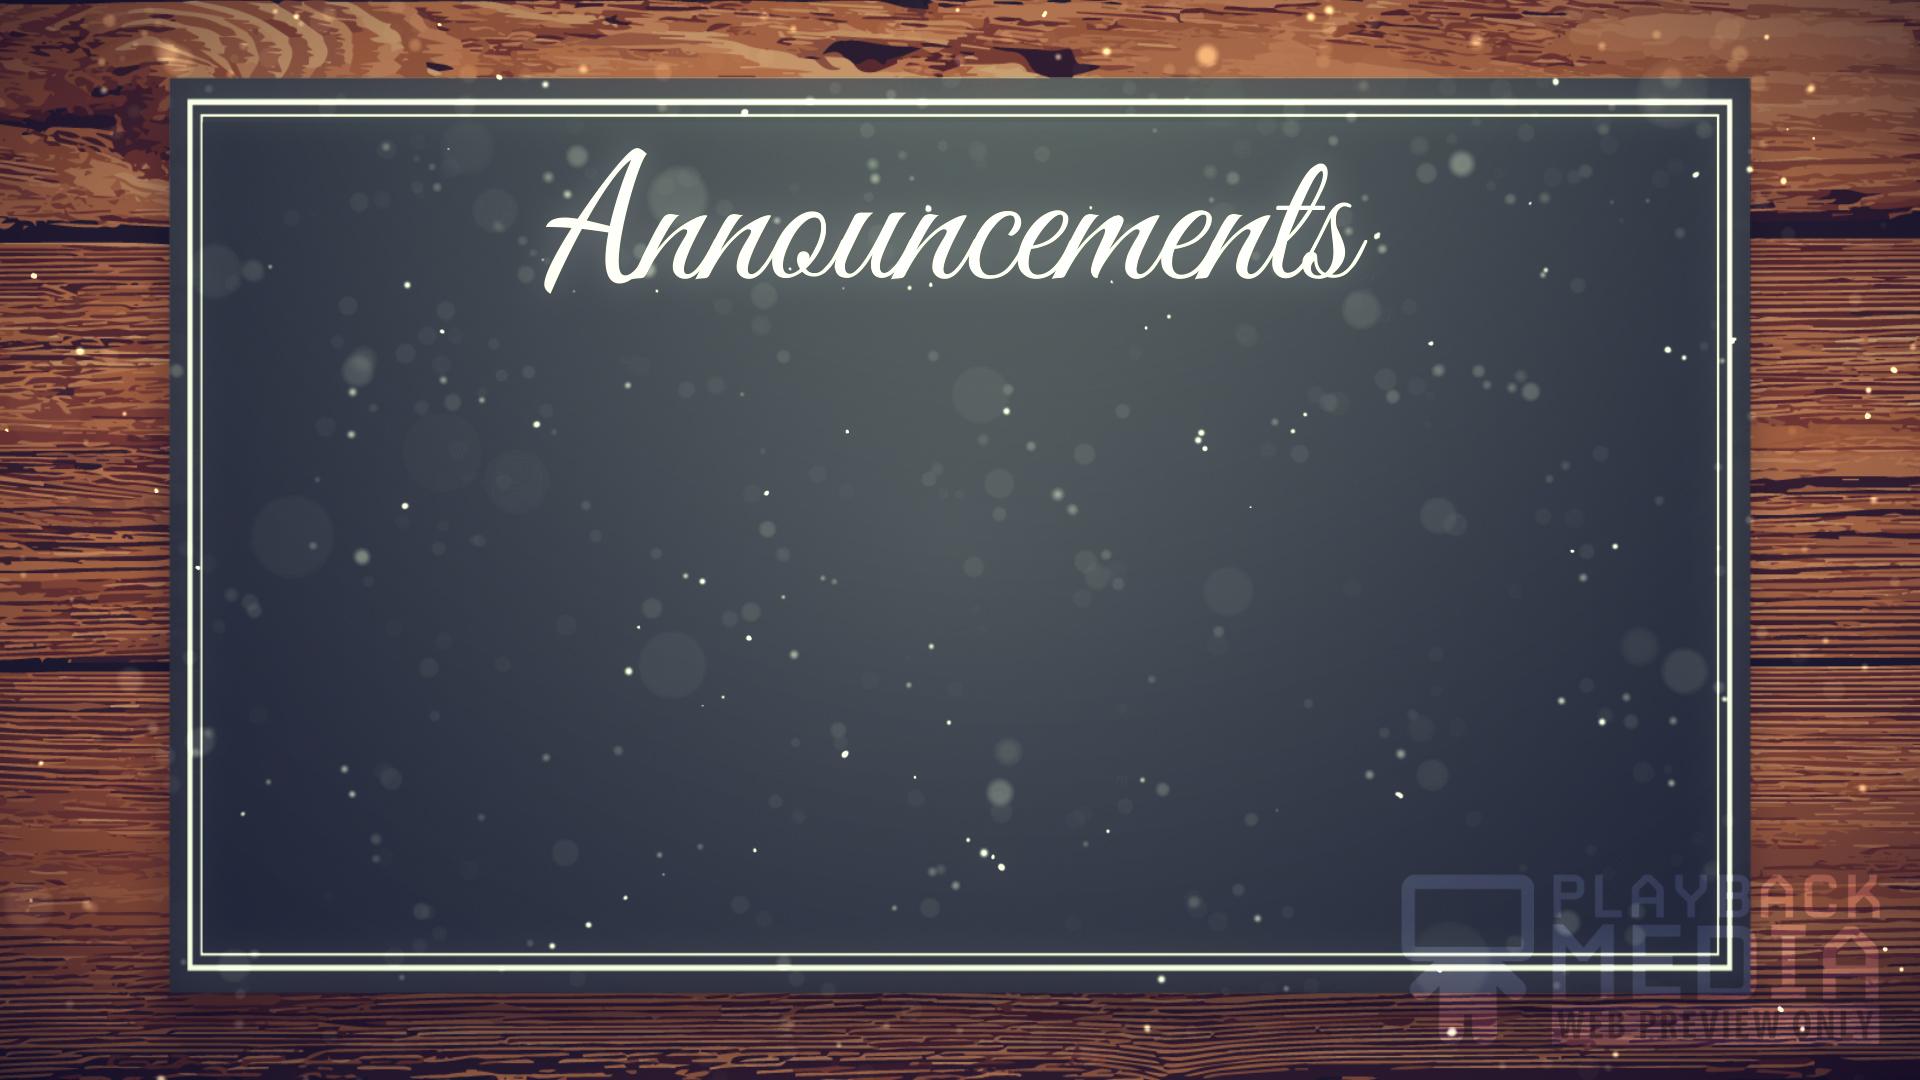 Christmas Manger Announcements Still